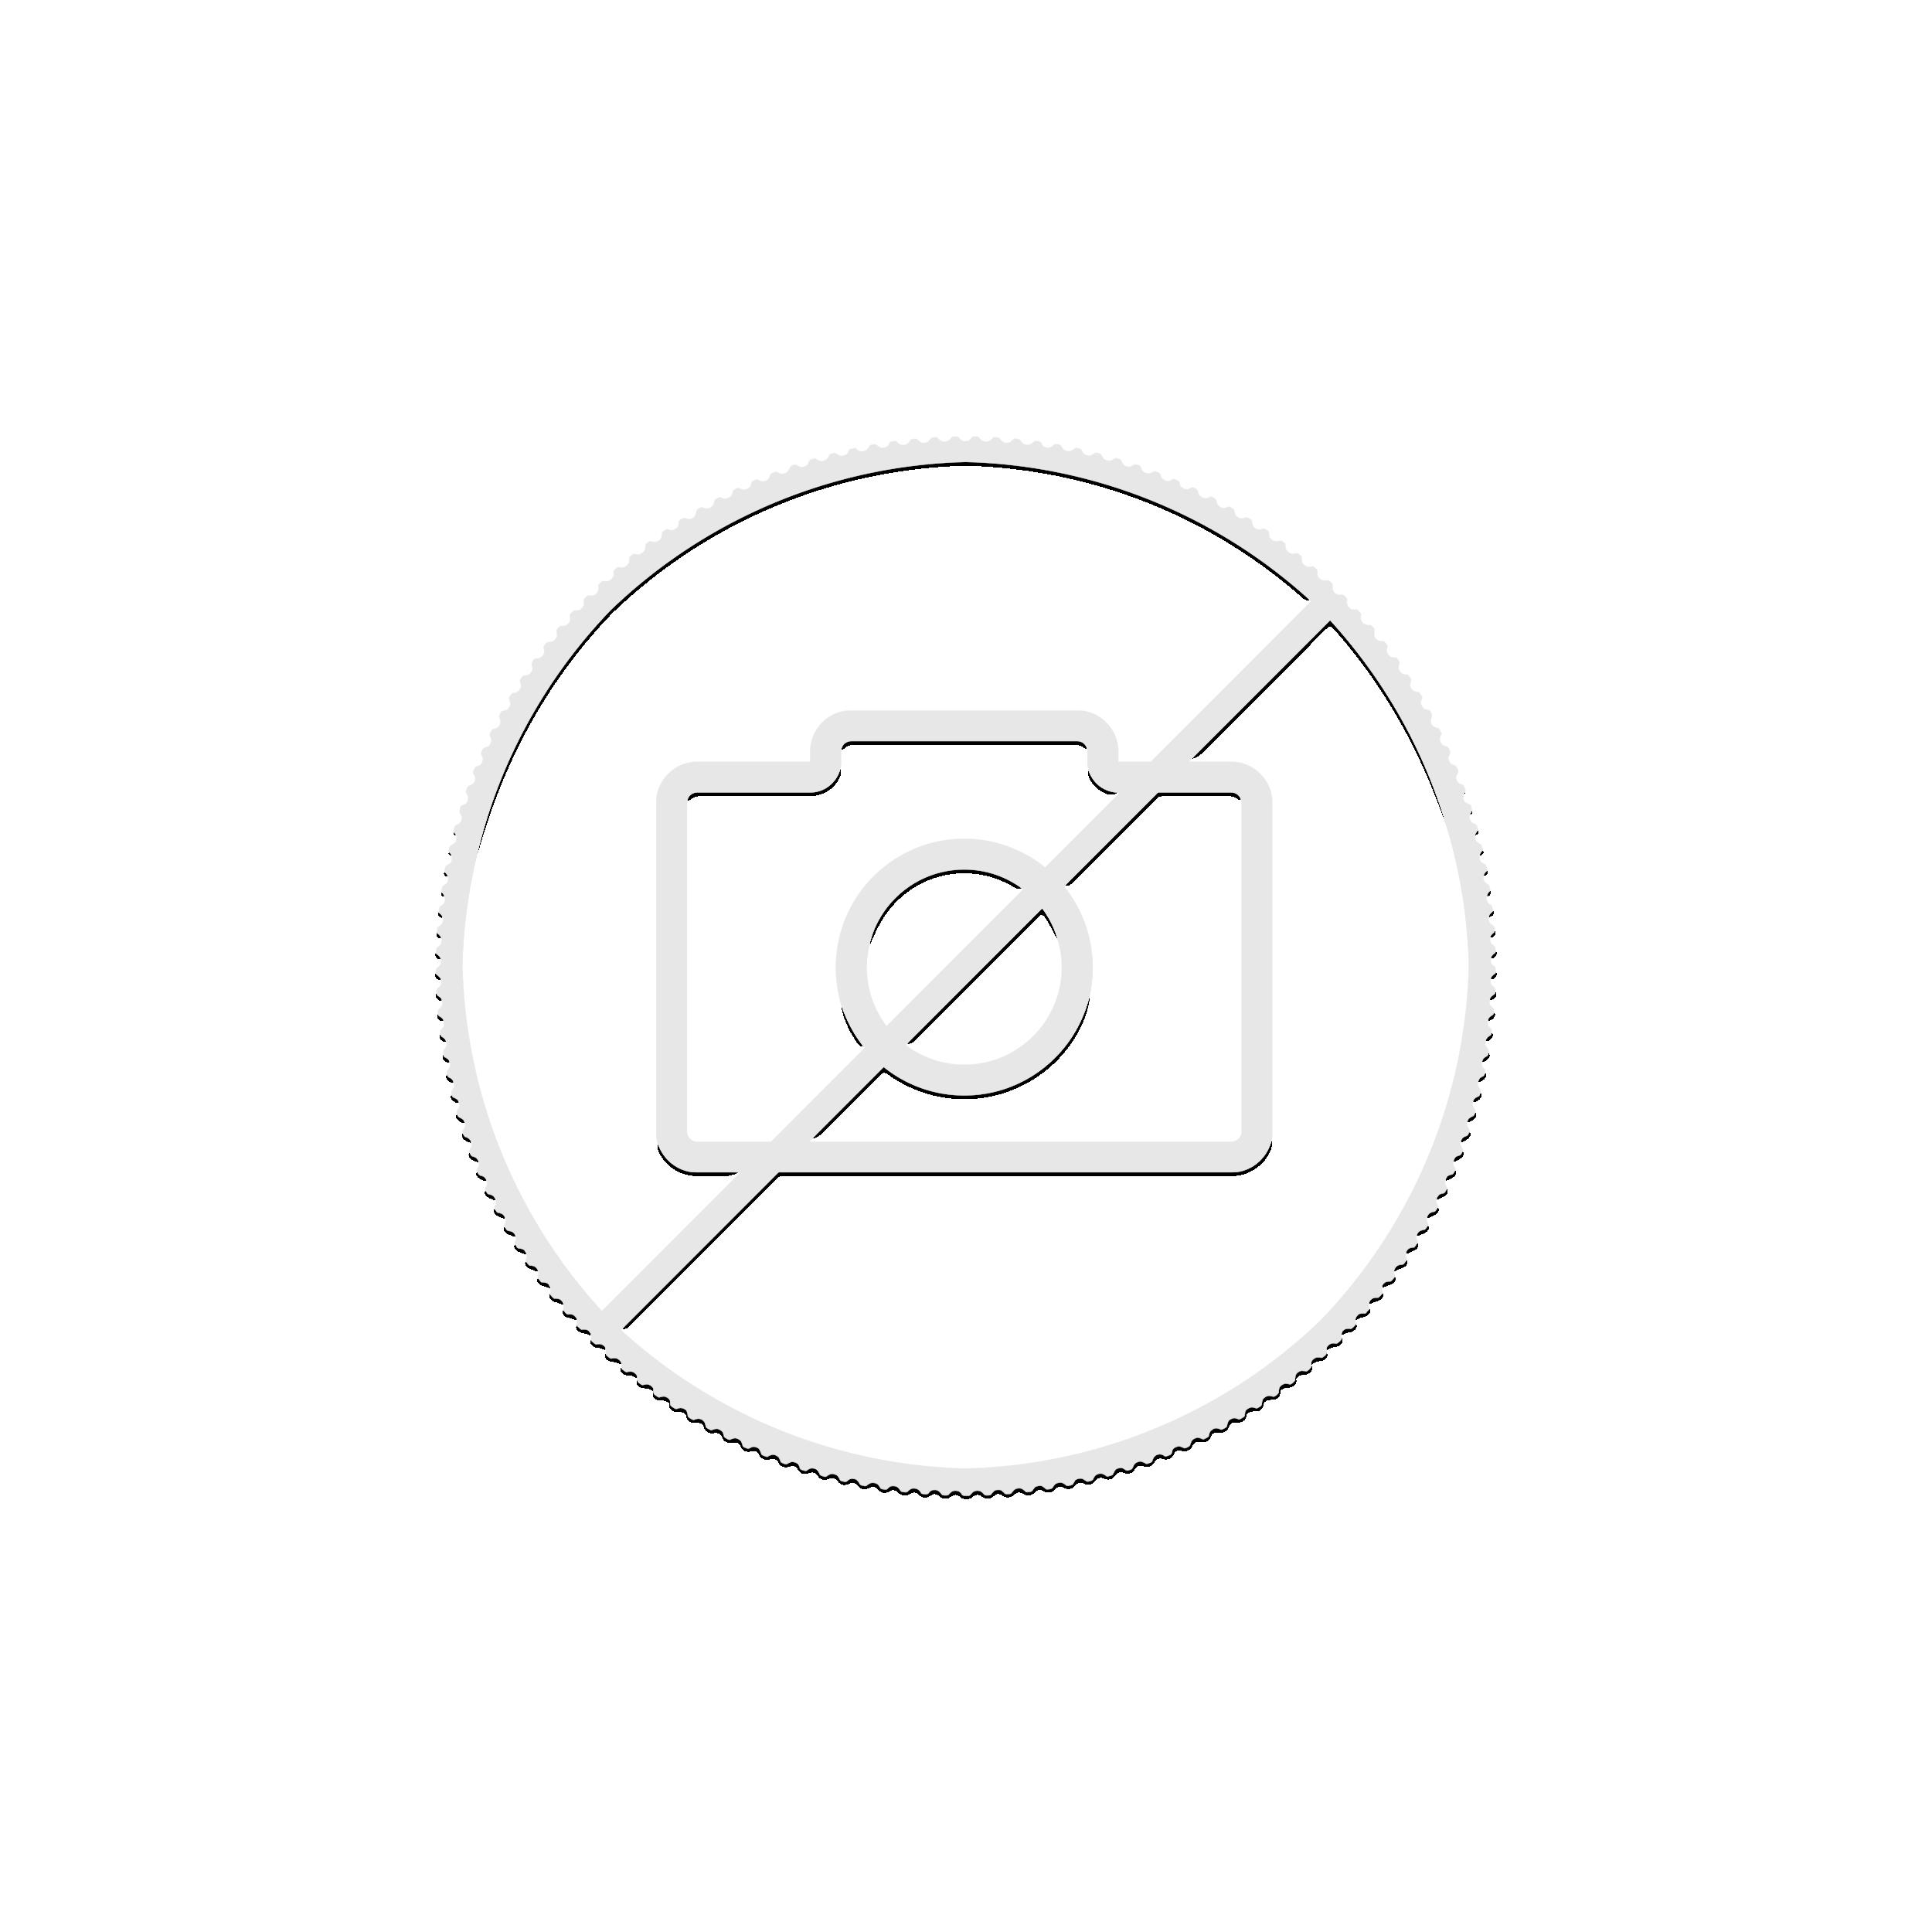 2015 - 1 kilo zilveren Koala munt